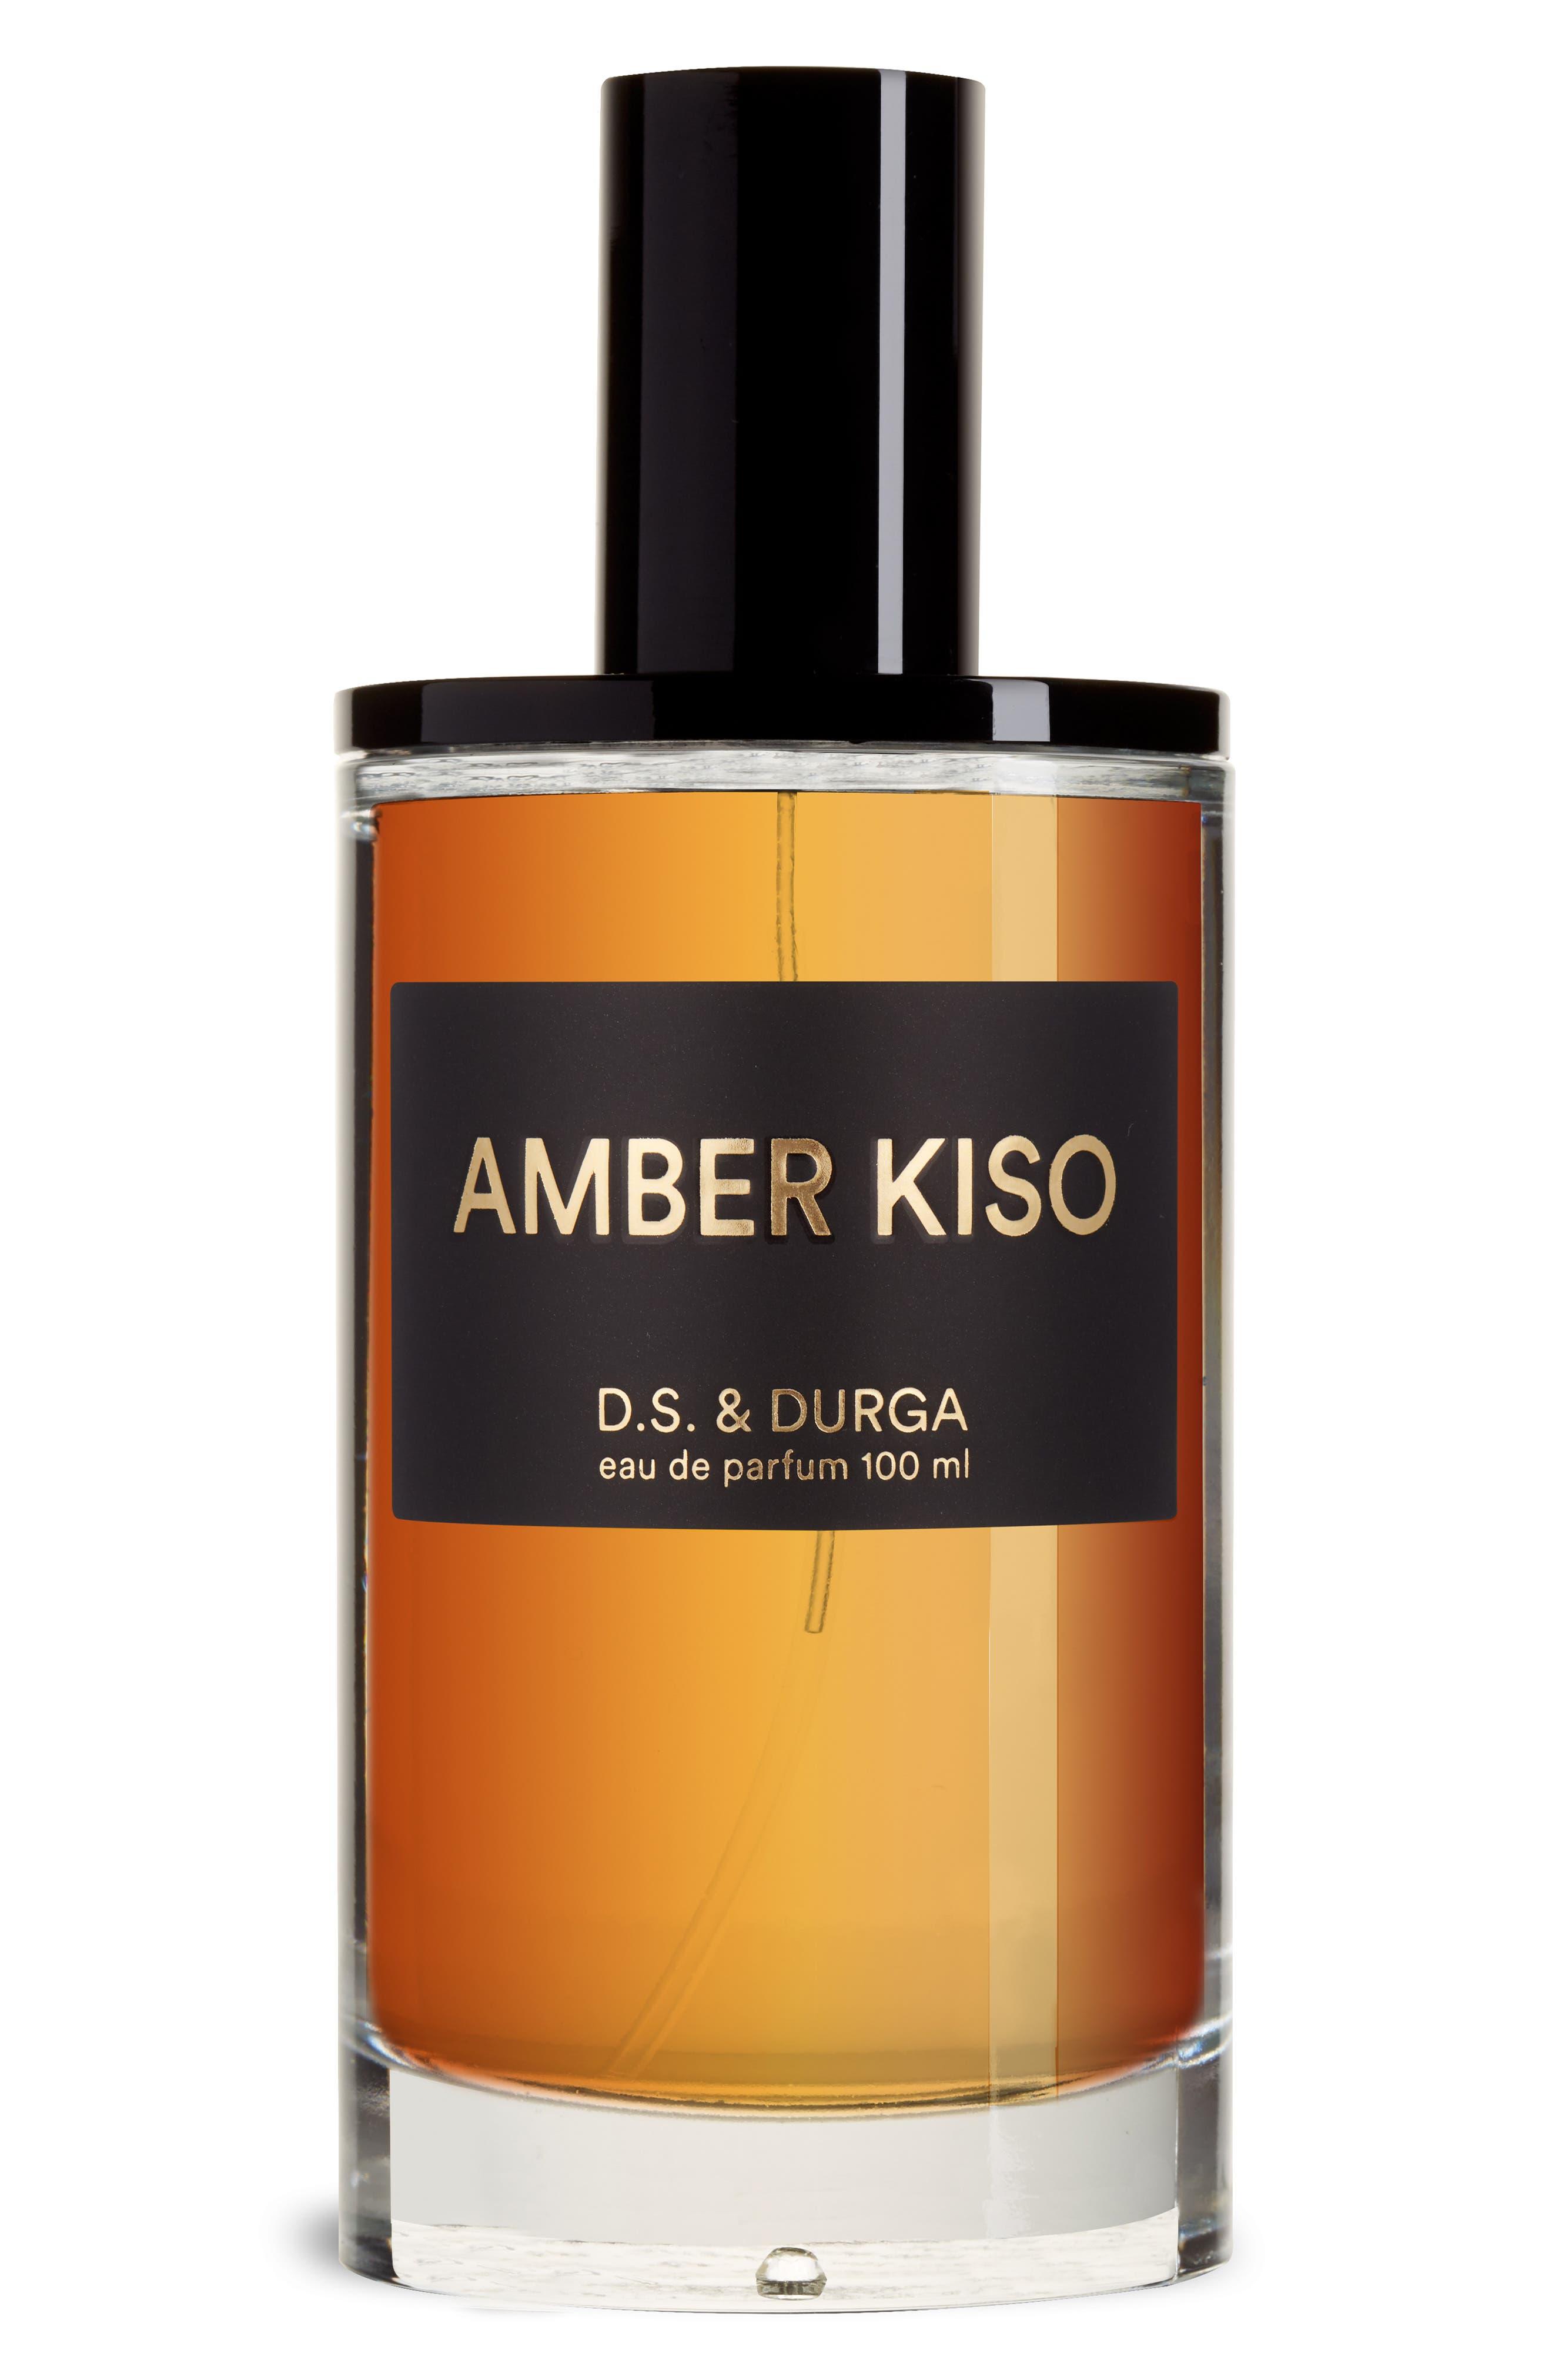 Amber Kiso Eau De Parfum